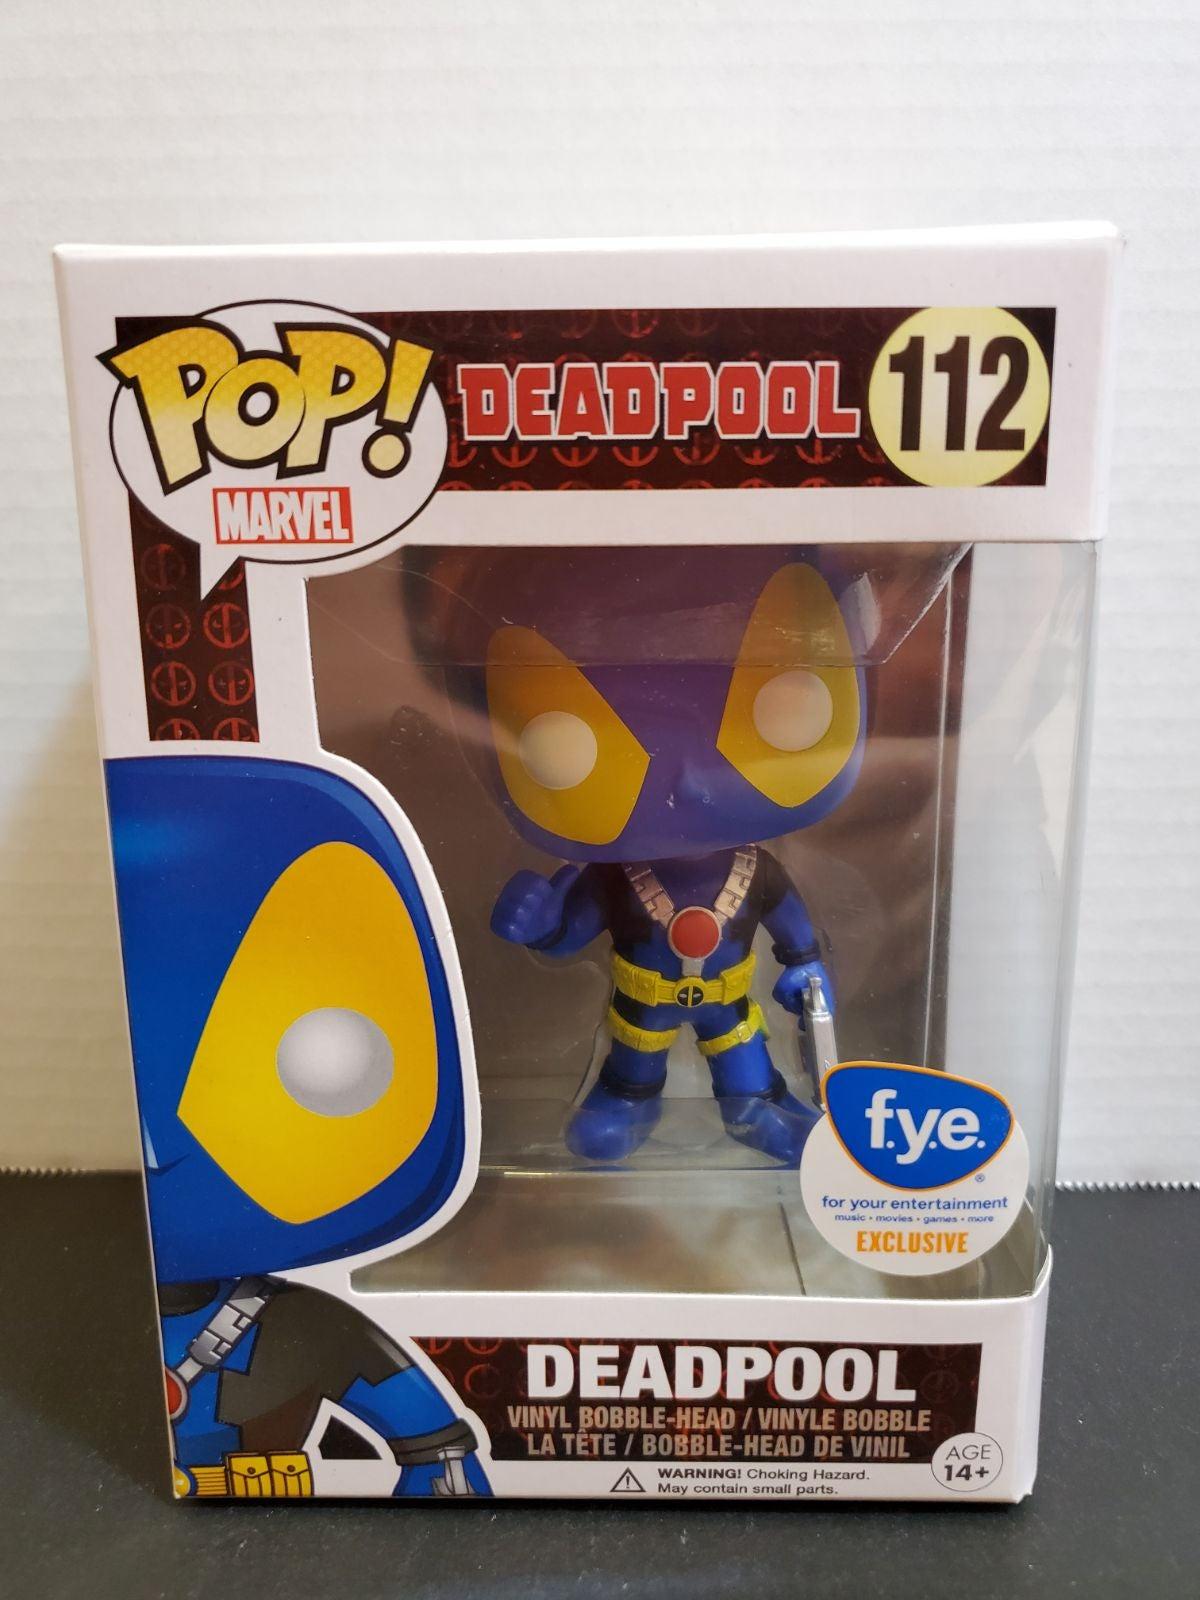 Funko Pop Deadpool (X-Men) Exclusive